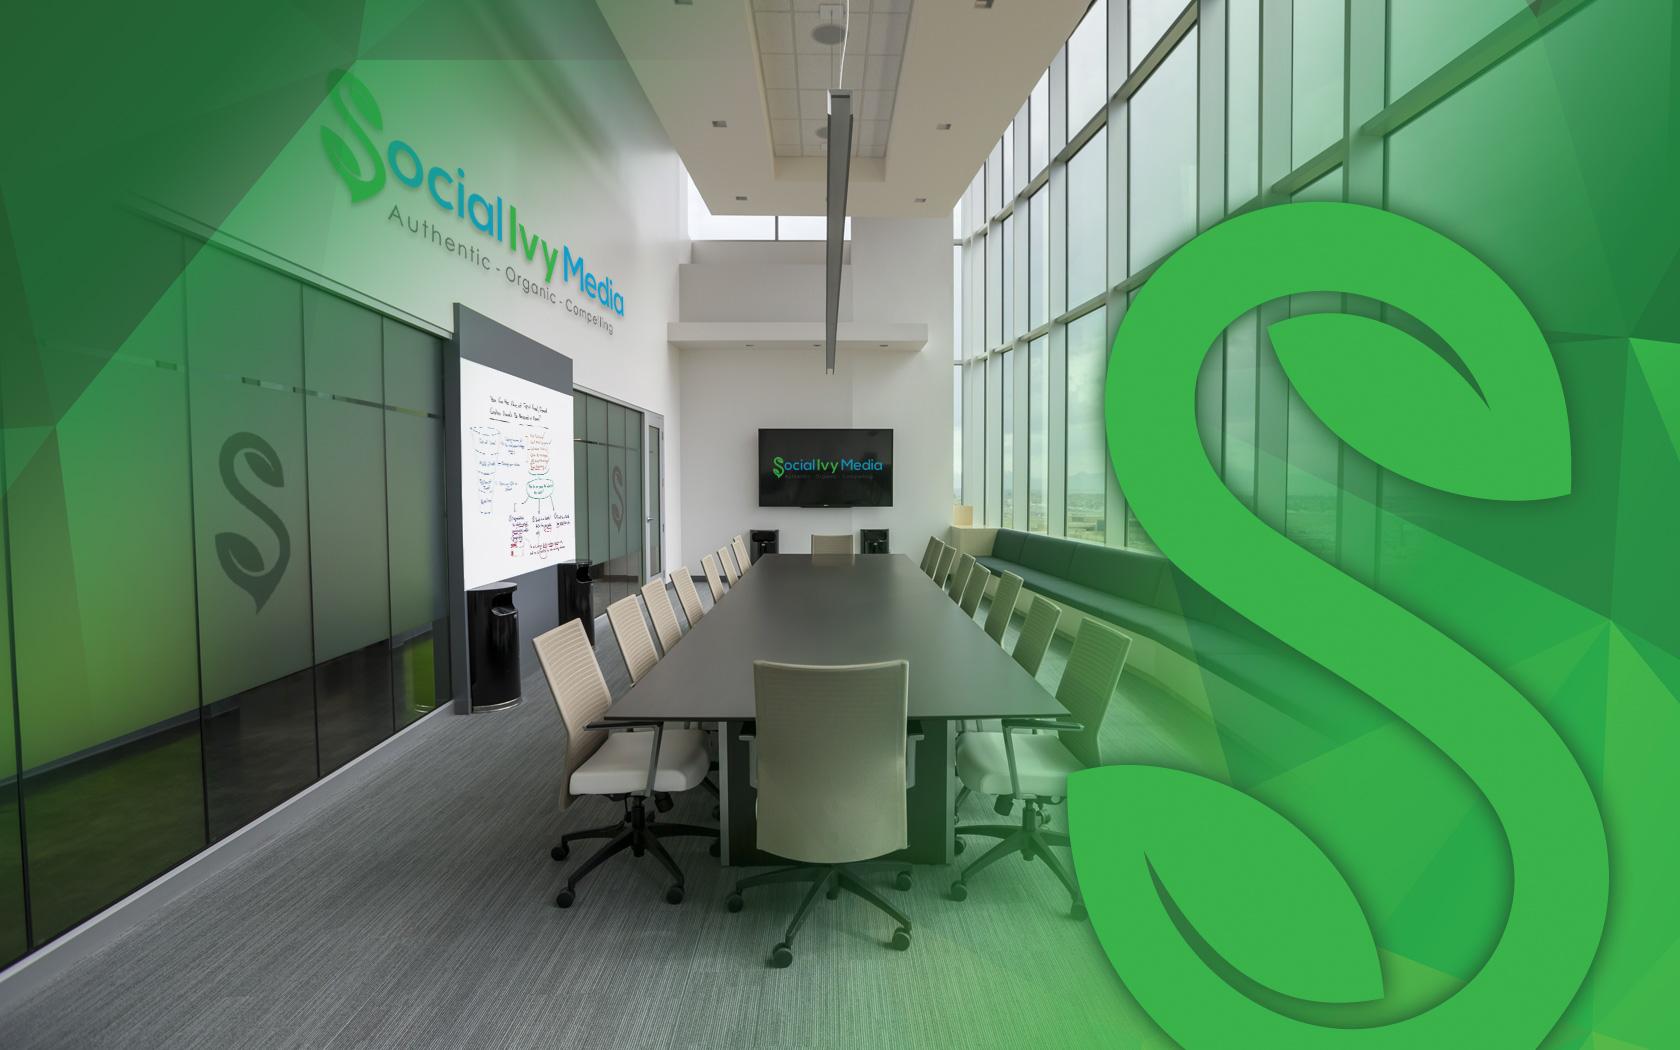 Social Ivy Media Home Office